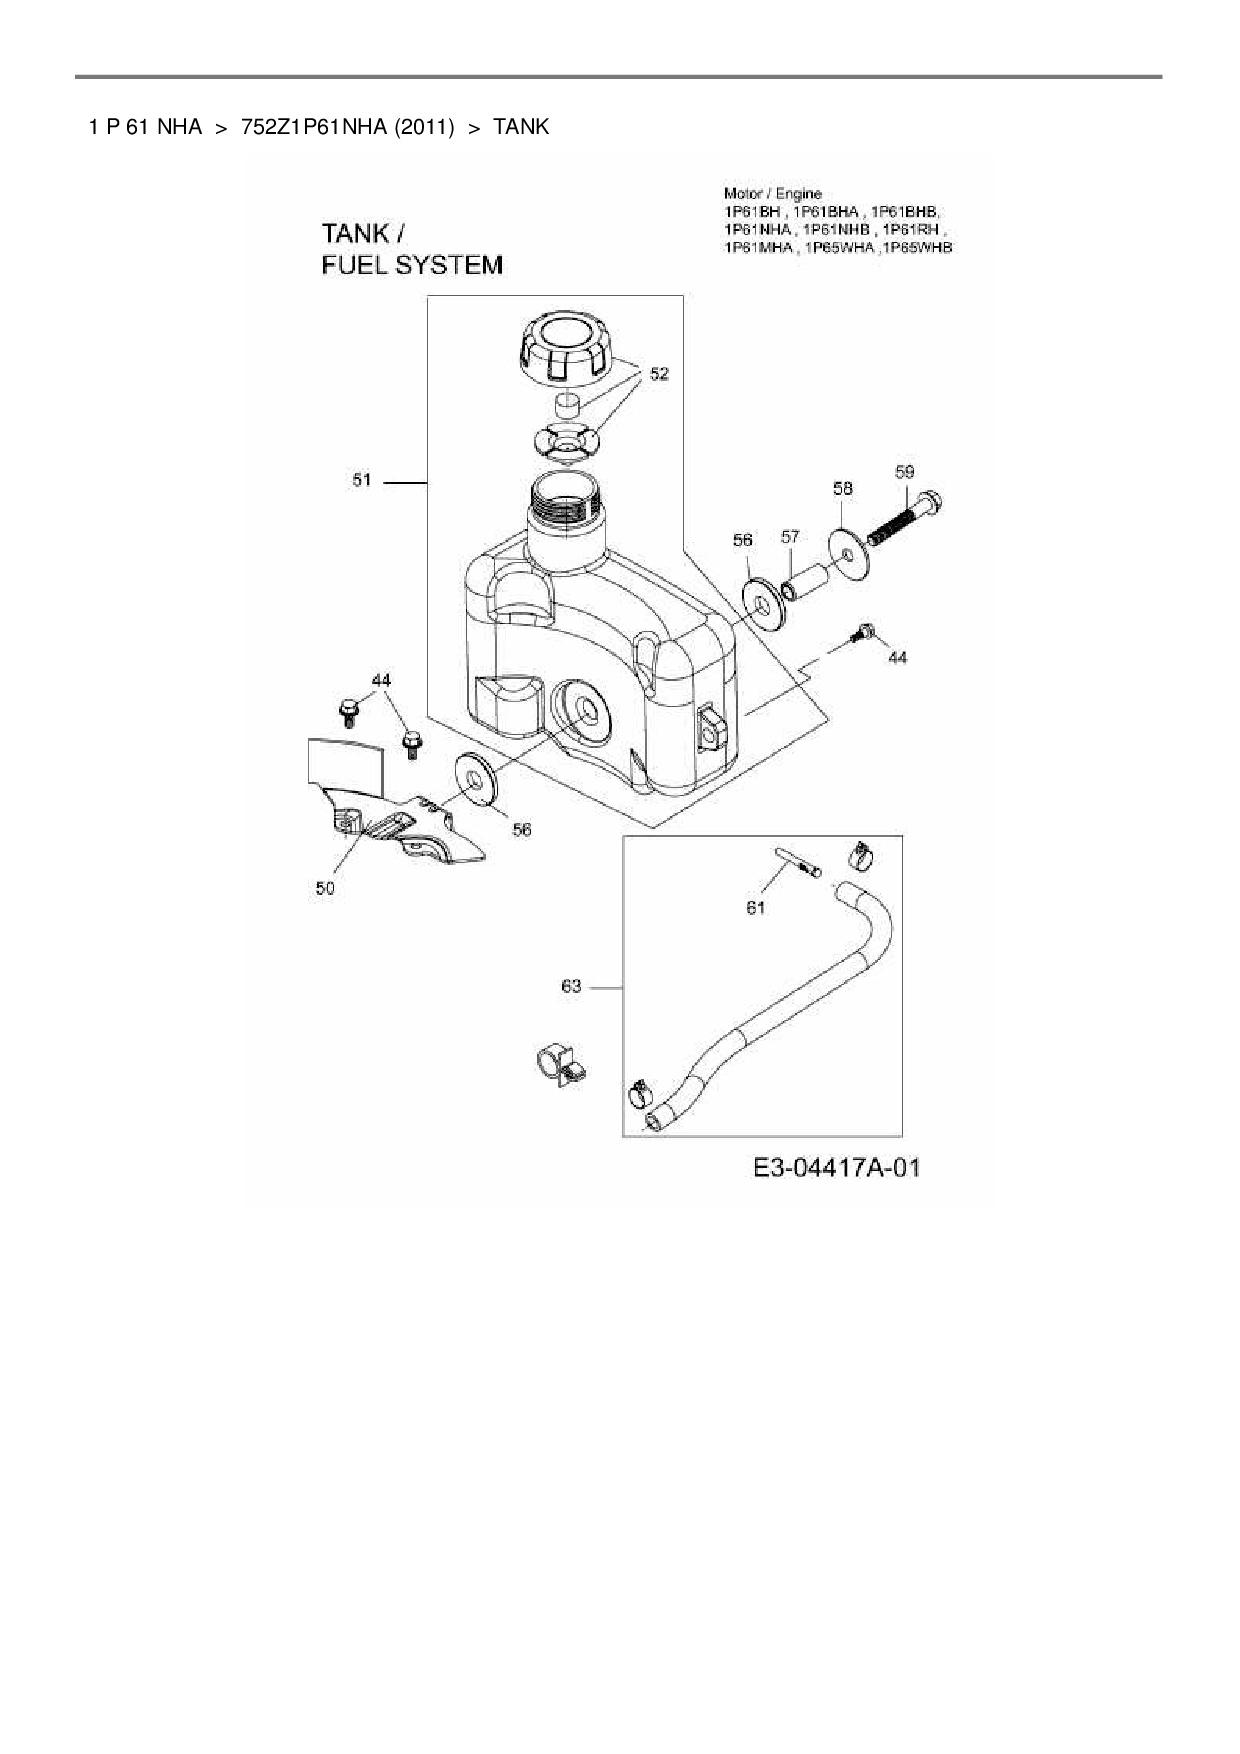 Wolf Garten Ersatzteil Kraftstofffilter Fr Benzinmotor Mtd 1 P 61 51 Engine Diagram Positionsnummer Aus Dieser Zeichnung